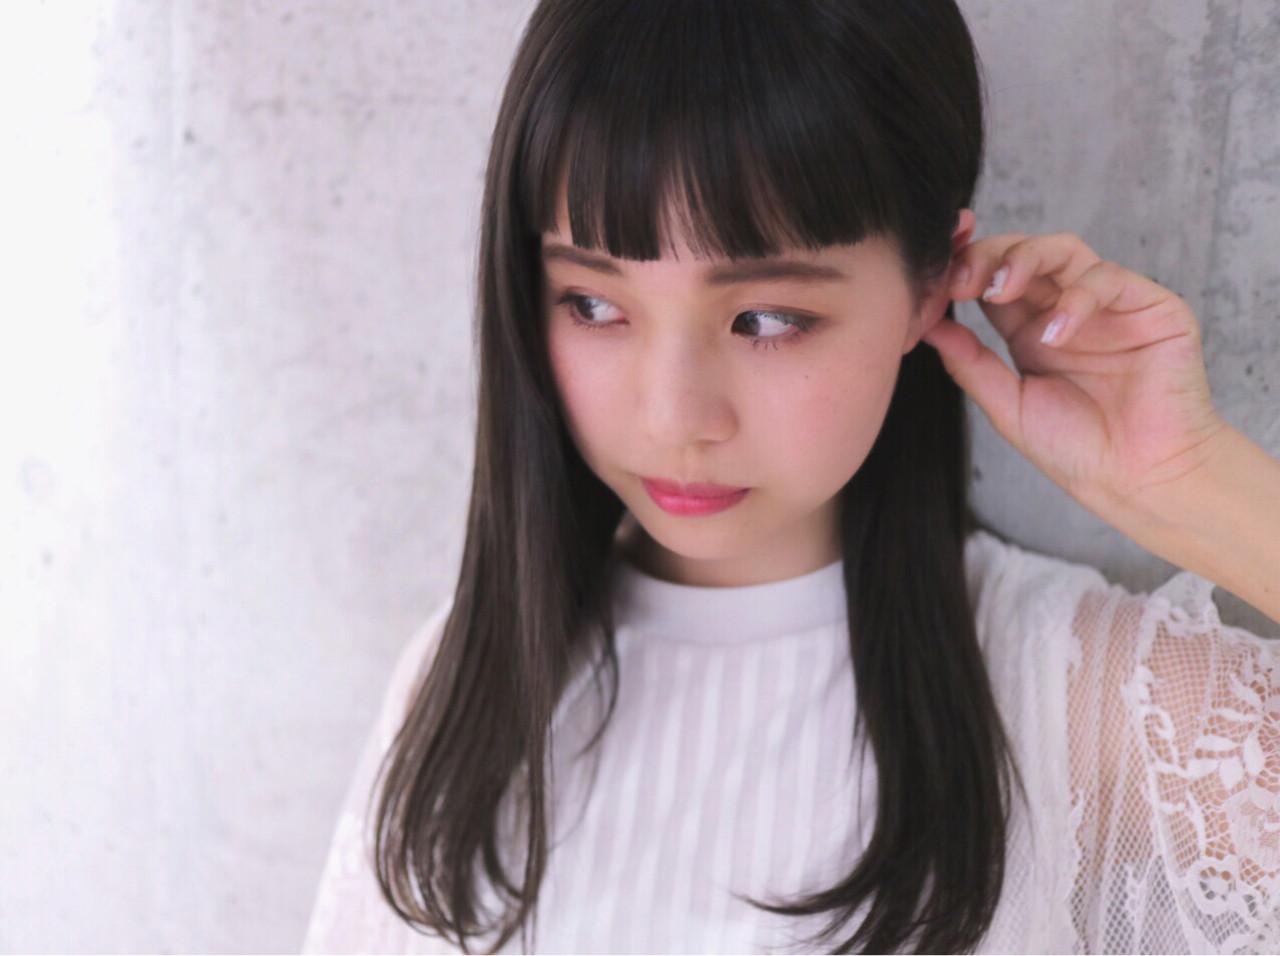 オン眉バングでトレンド☆ロングヘア 朝倉 壮一朗【CRAFT】